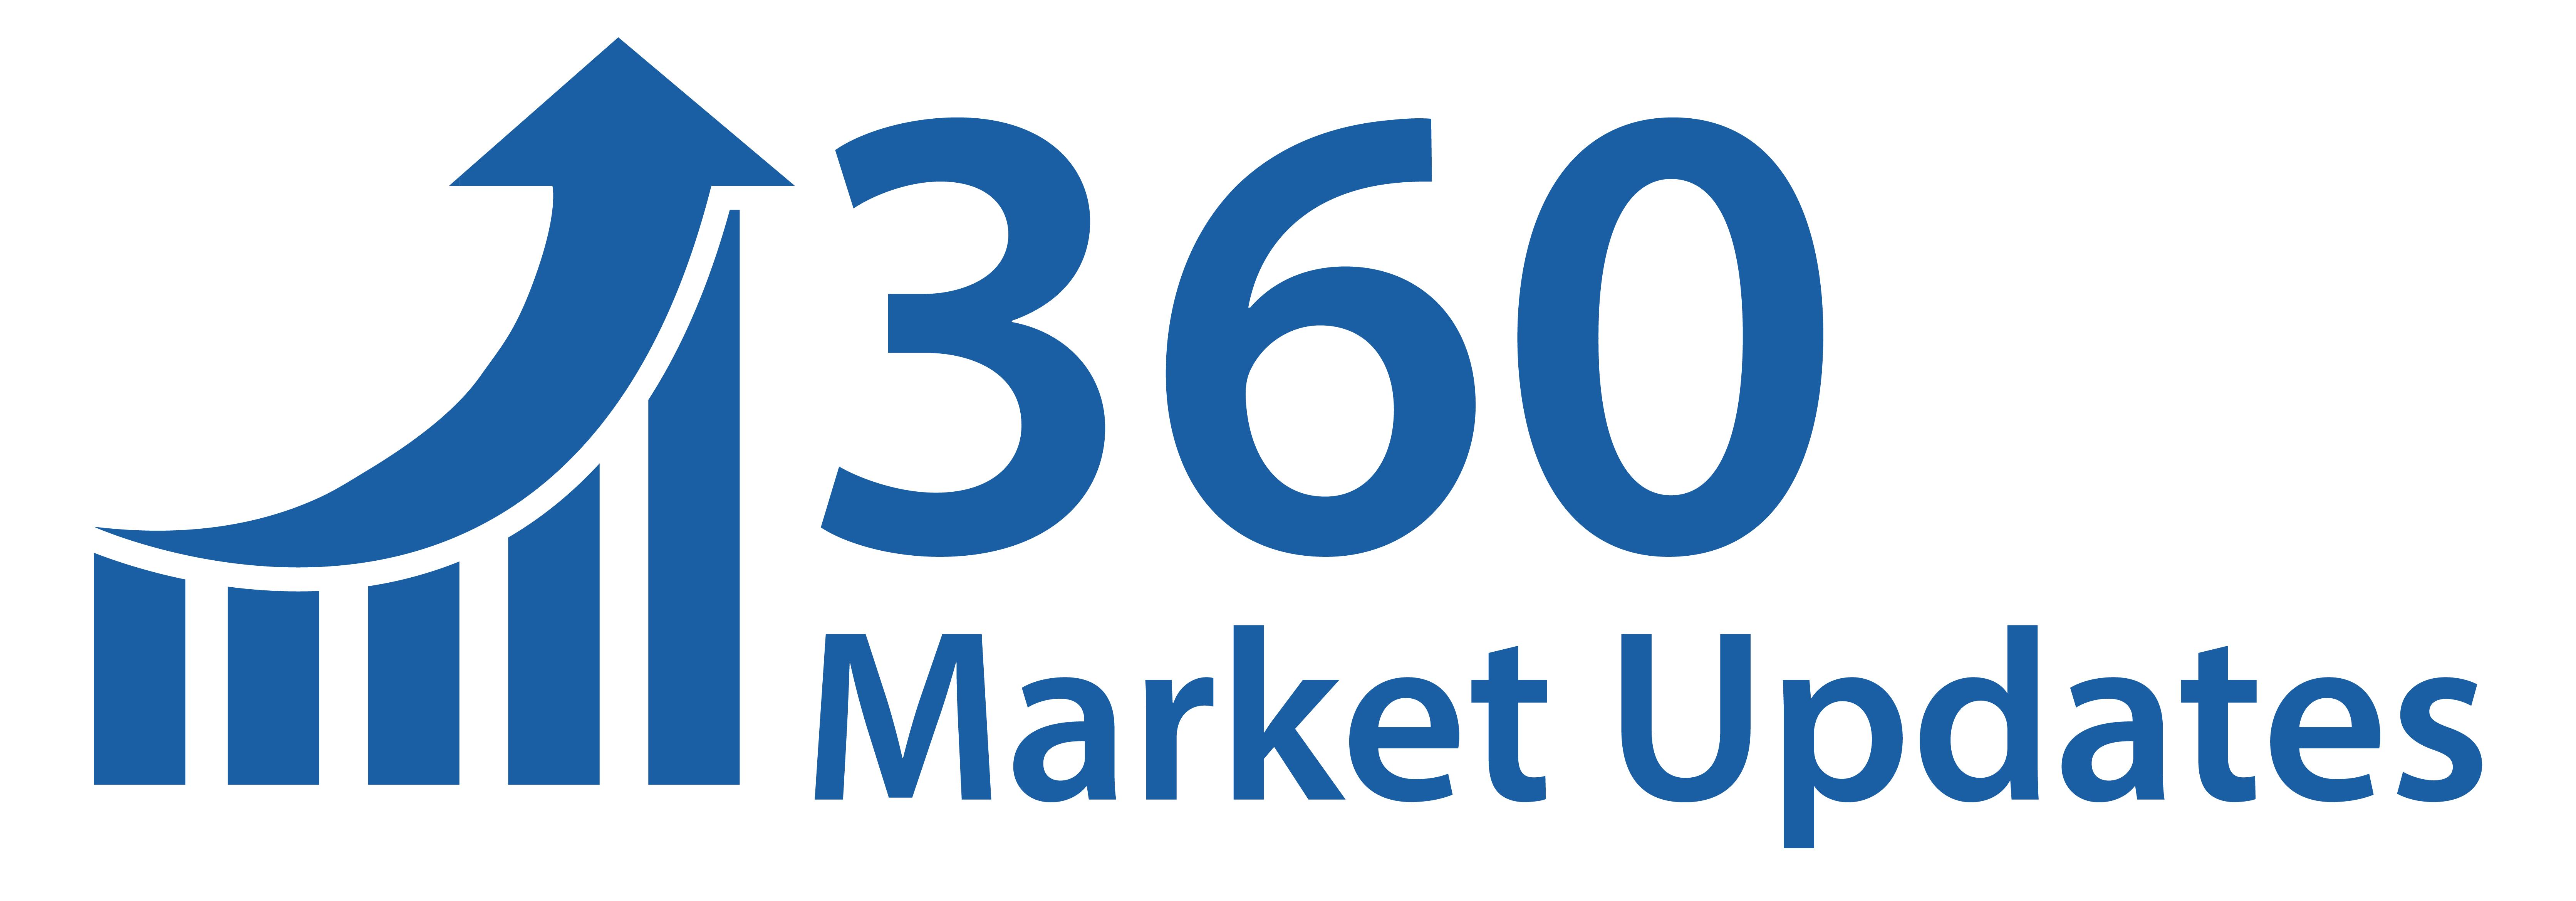 Markt für von Polymer abgeleitete Keramiken 2020 - Nachfrage, Anteil, Größe, Zukunftstrends, Wachstumschancen, Hauptakteure, Anwendung, Nachfrage, Branchenforschungsbericht nach regionaler Prognose bis 2024